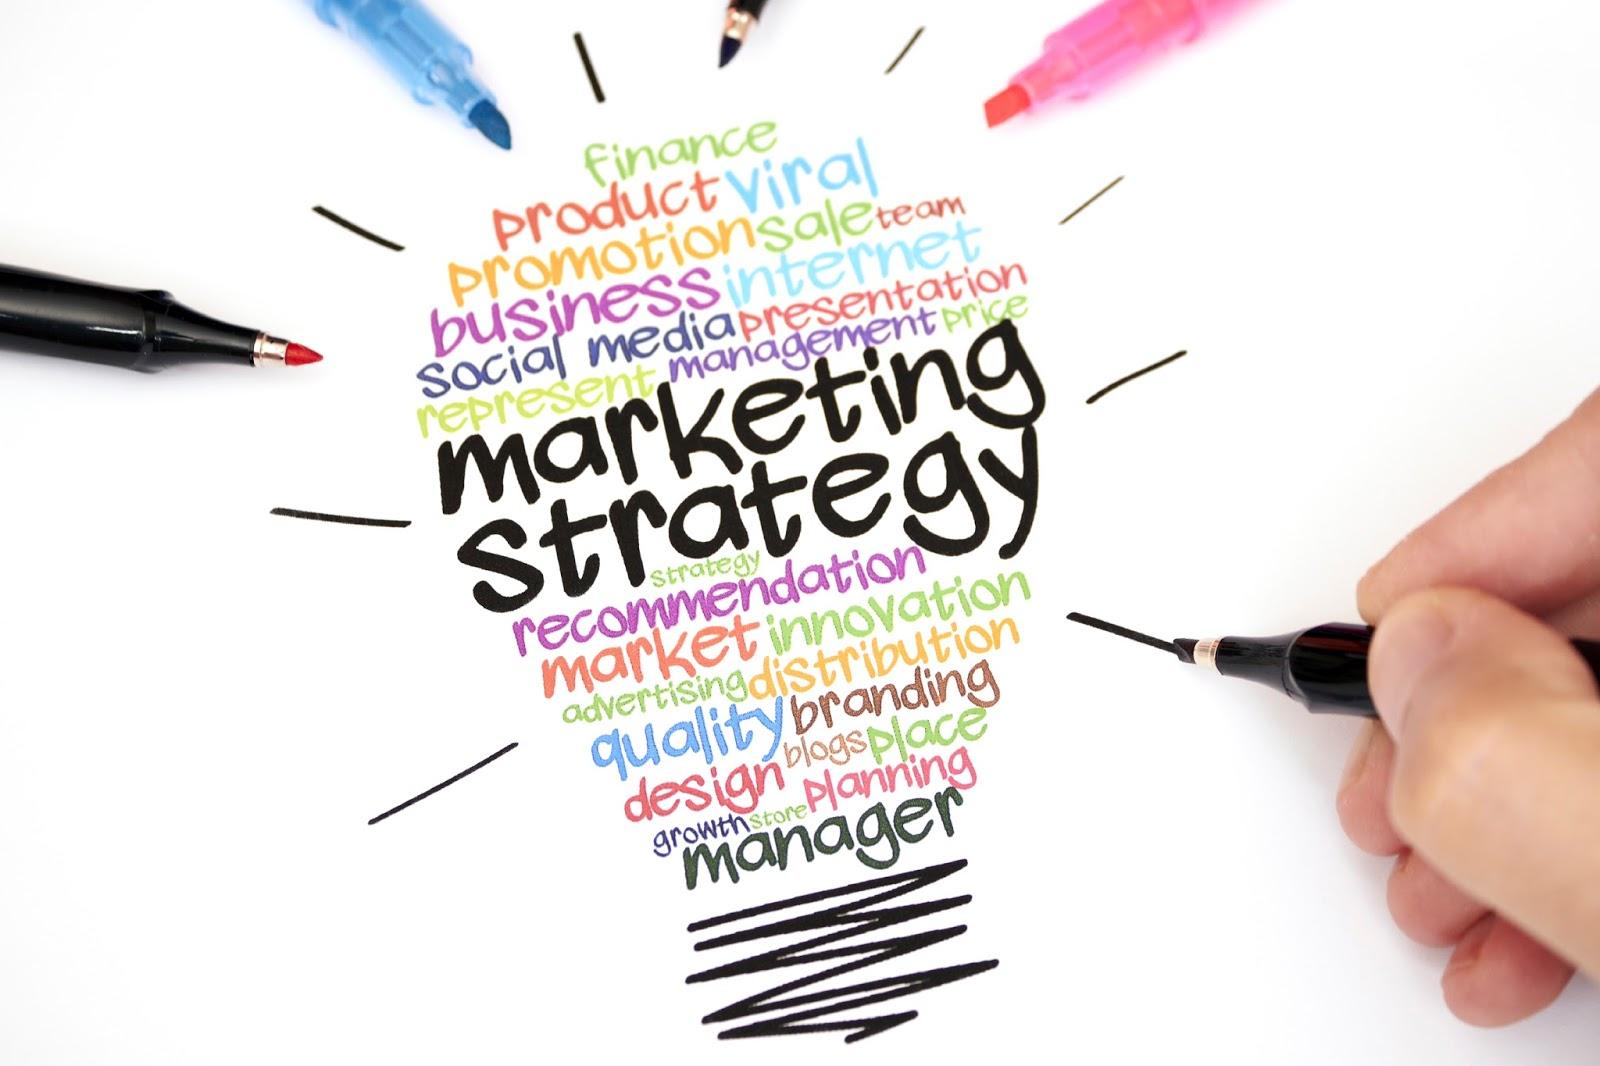 Cách thức truyền thông marketing hiệu quả